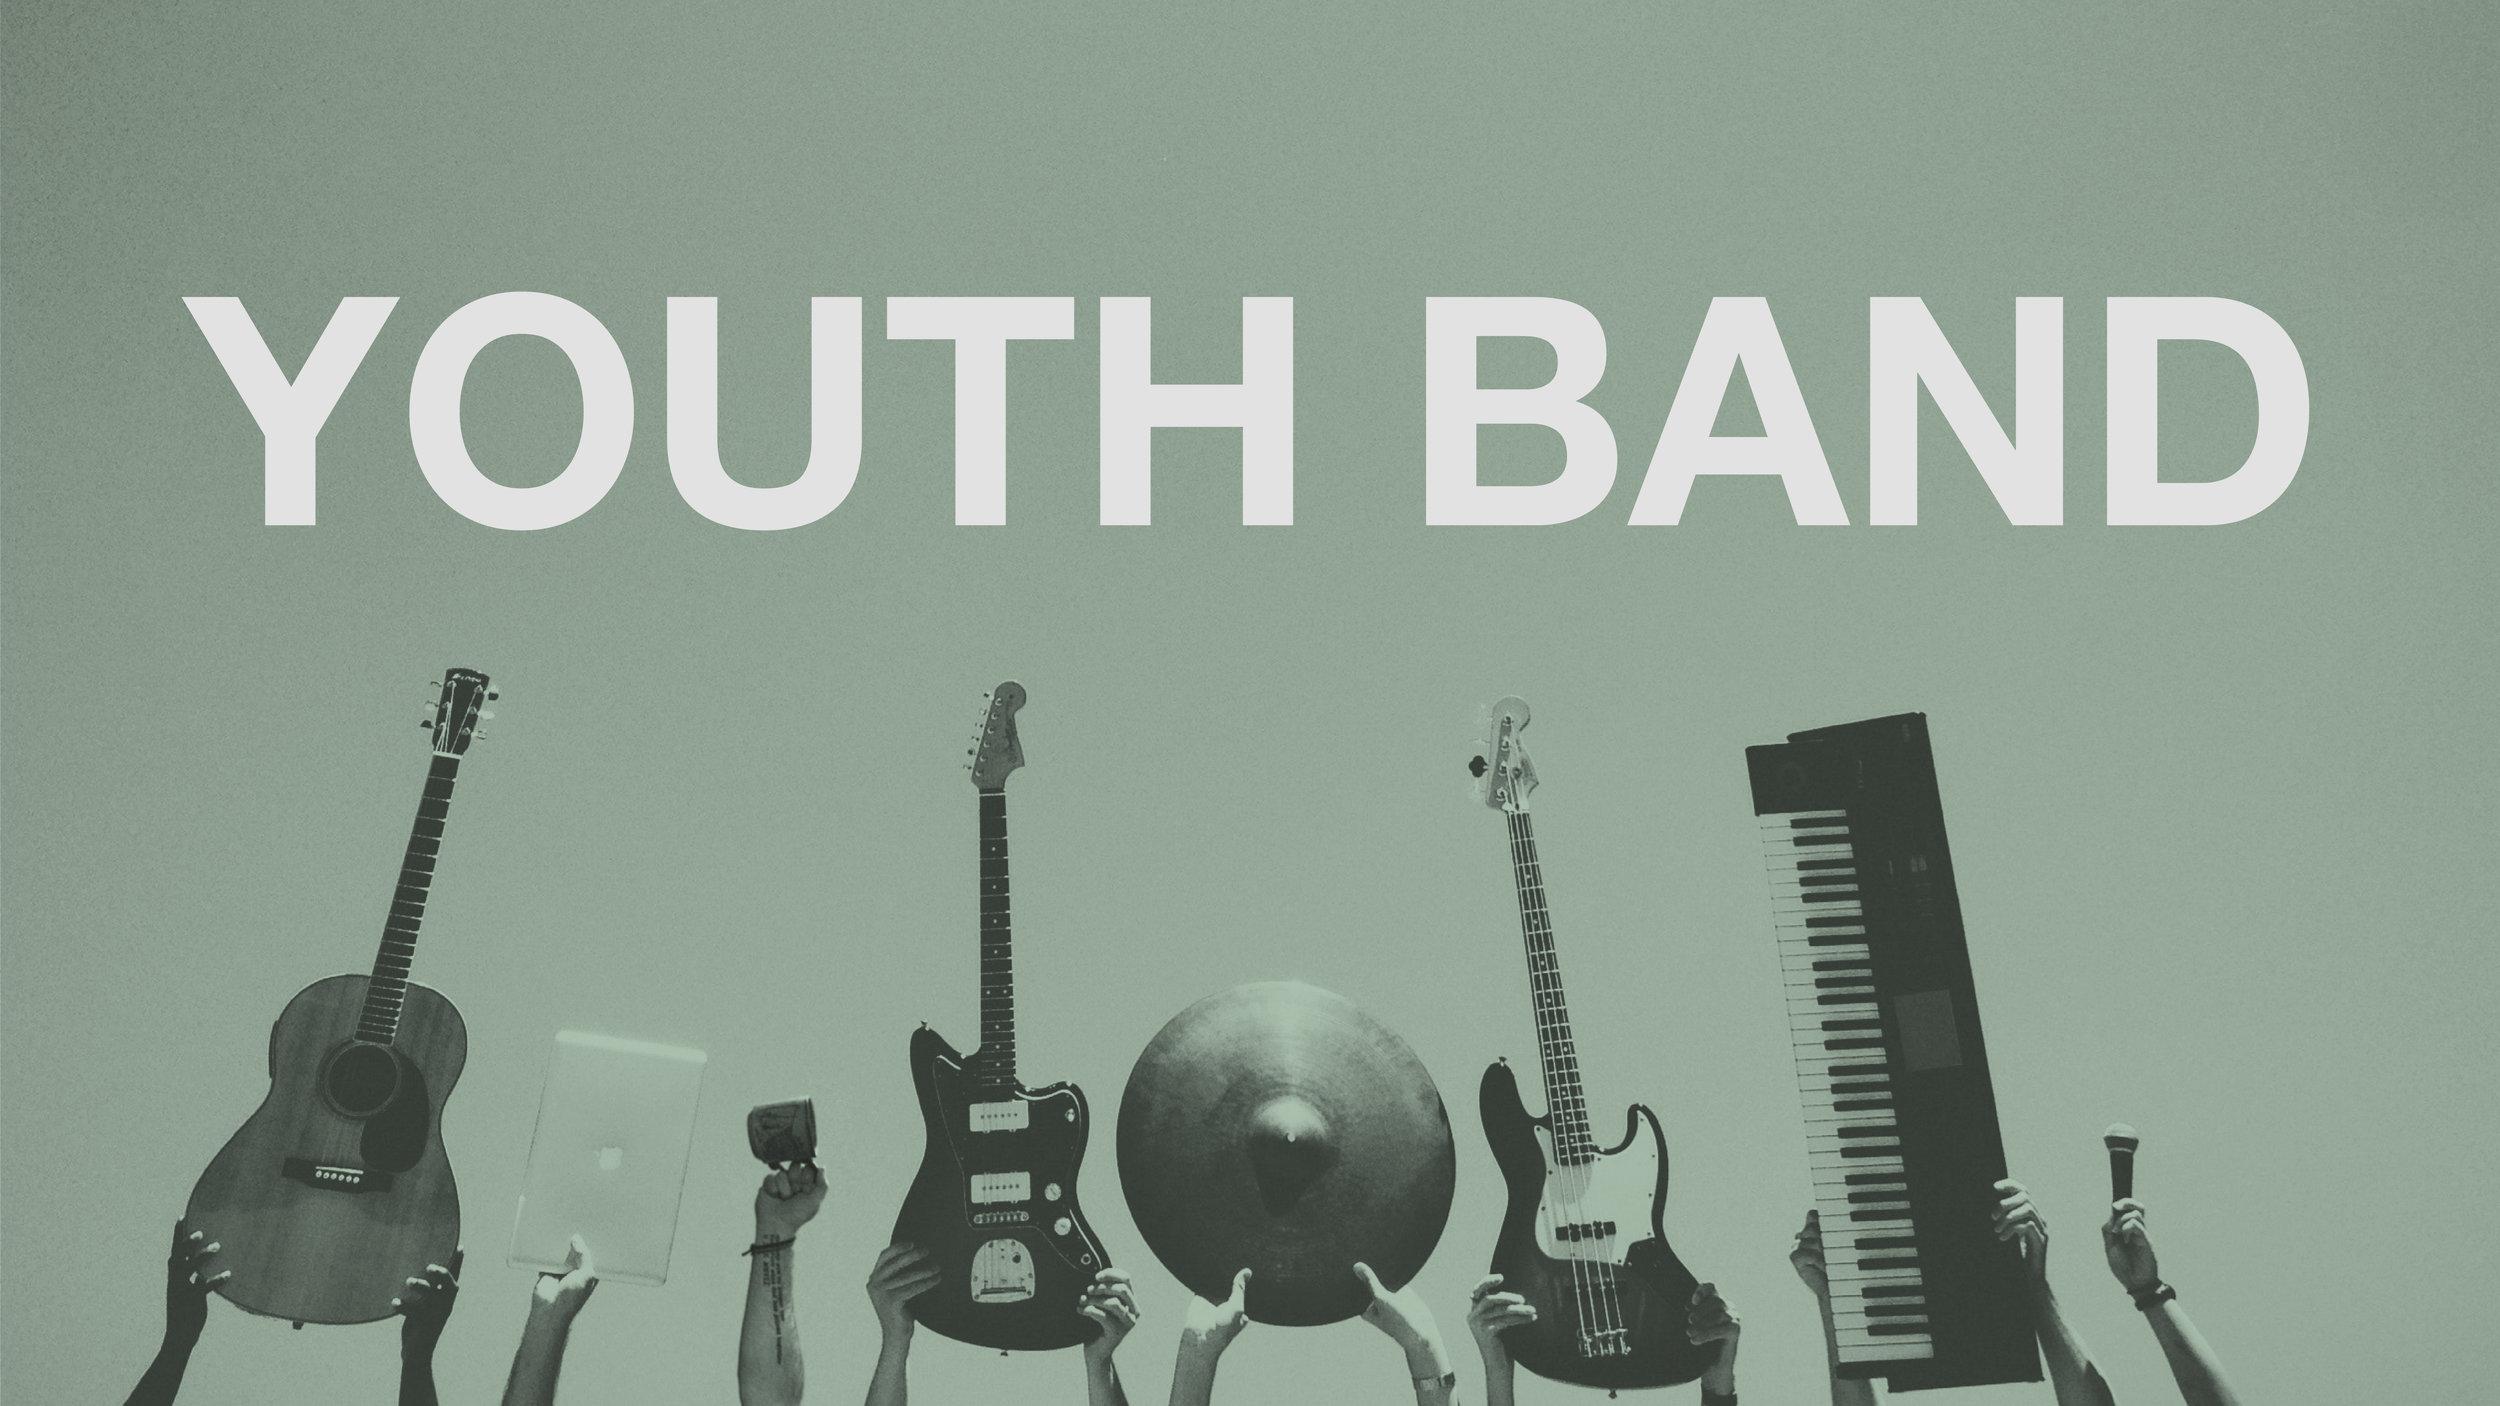 Youth_Band-header-06.jpg